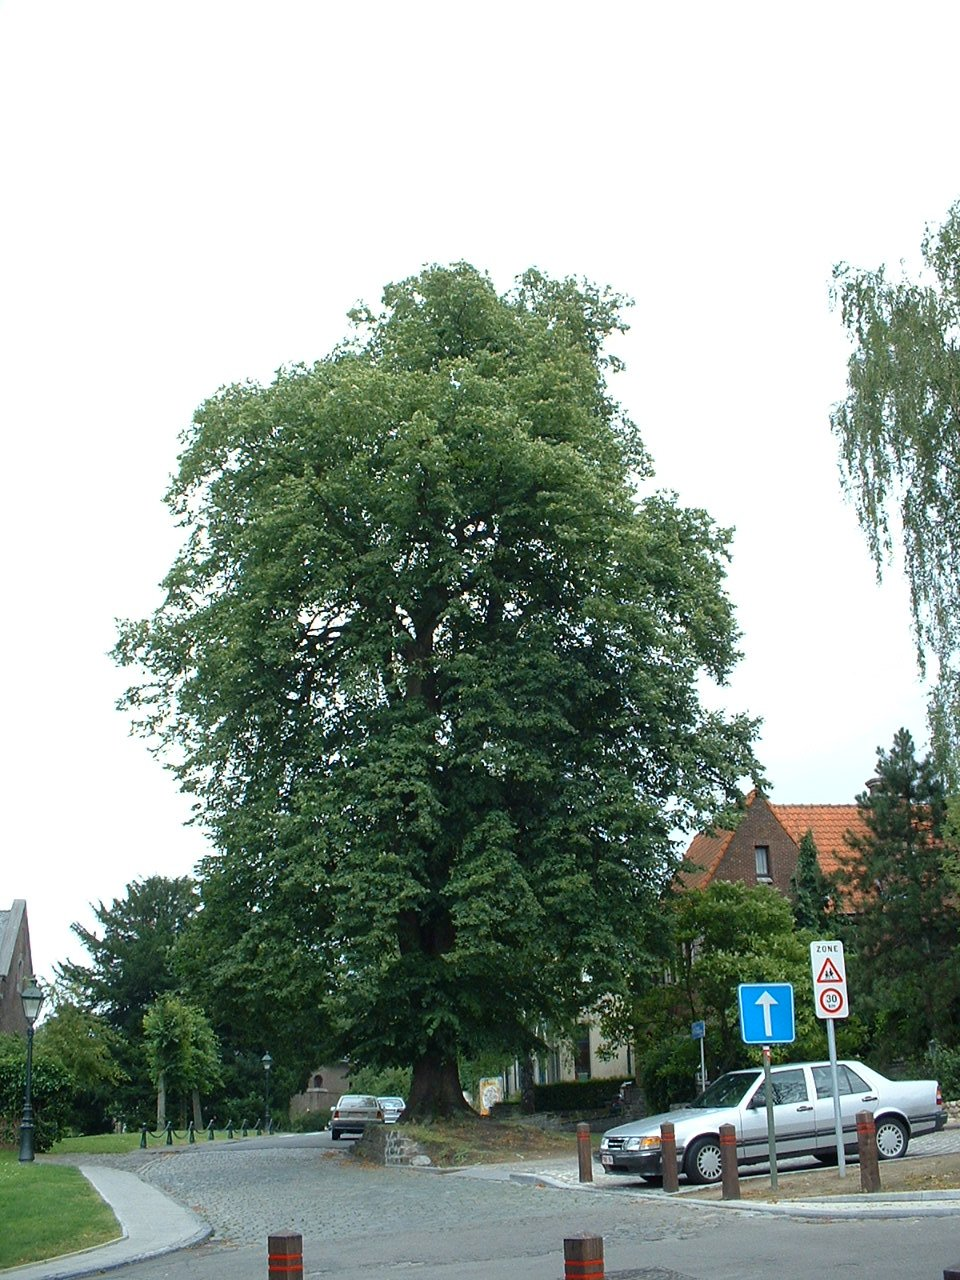 Tilleul à larges feuilles – Watermael-Boitsfort, Abords de l'église Saint-Clément, Rue du Loutrier –  04 Juillet 2002